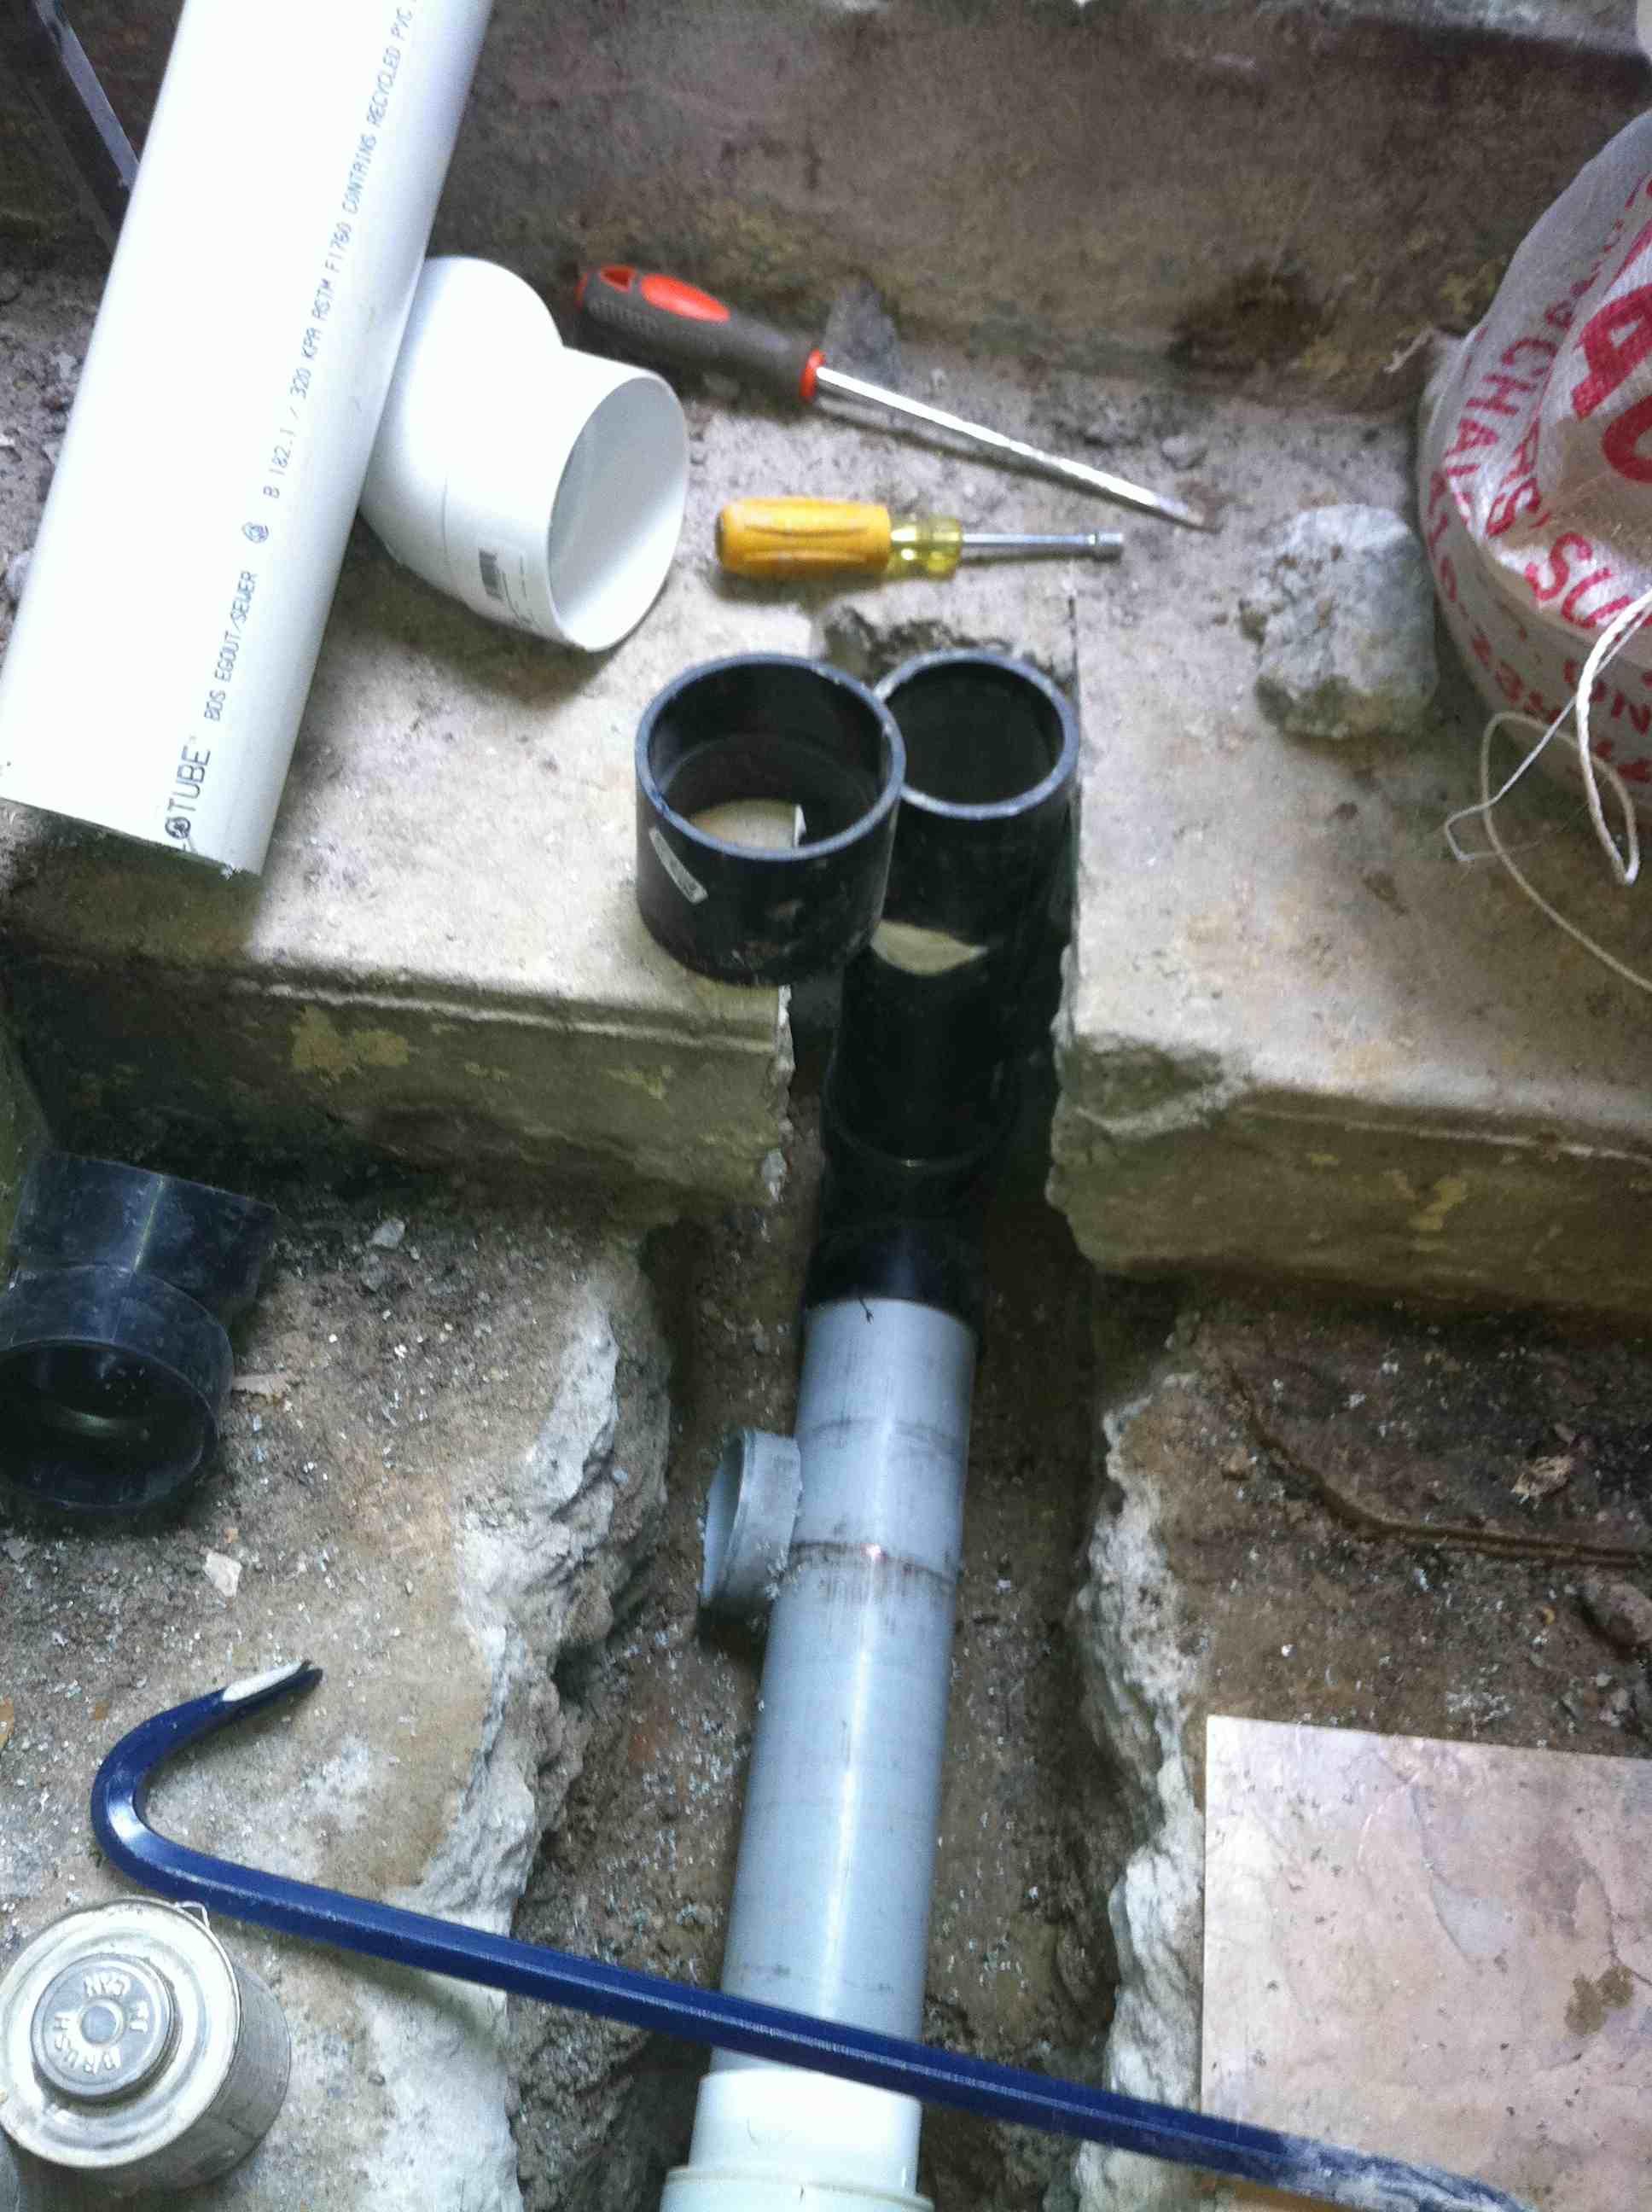 Emergency drain repair works in toronto mississauga and surroundings -  Basement Drain Repair Gta